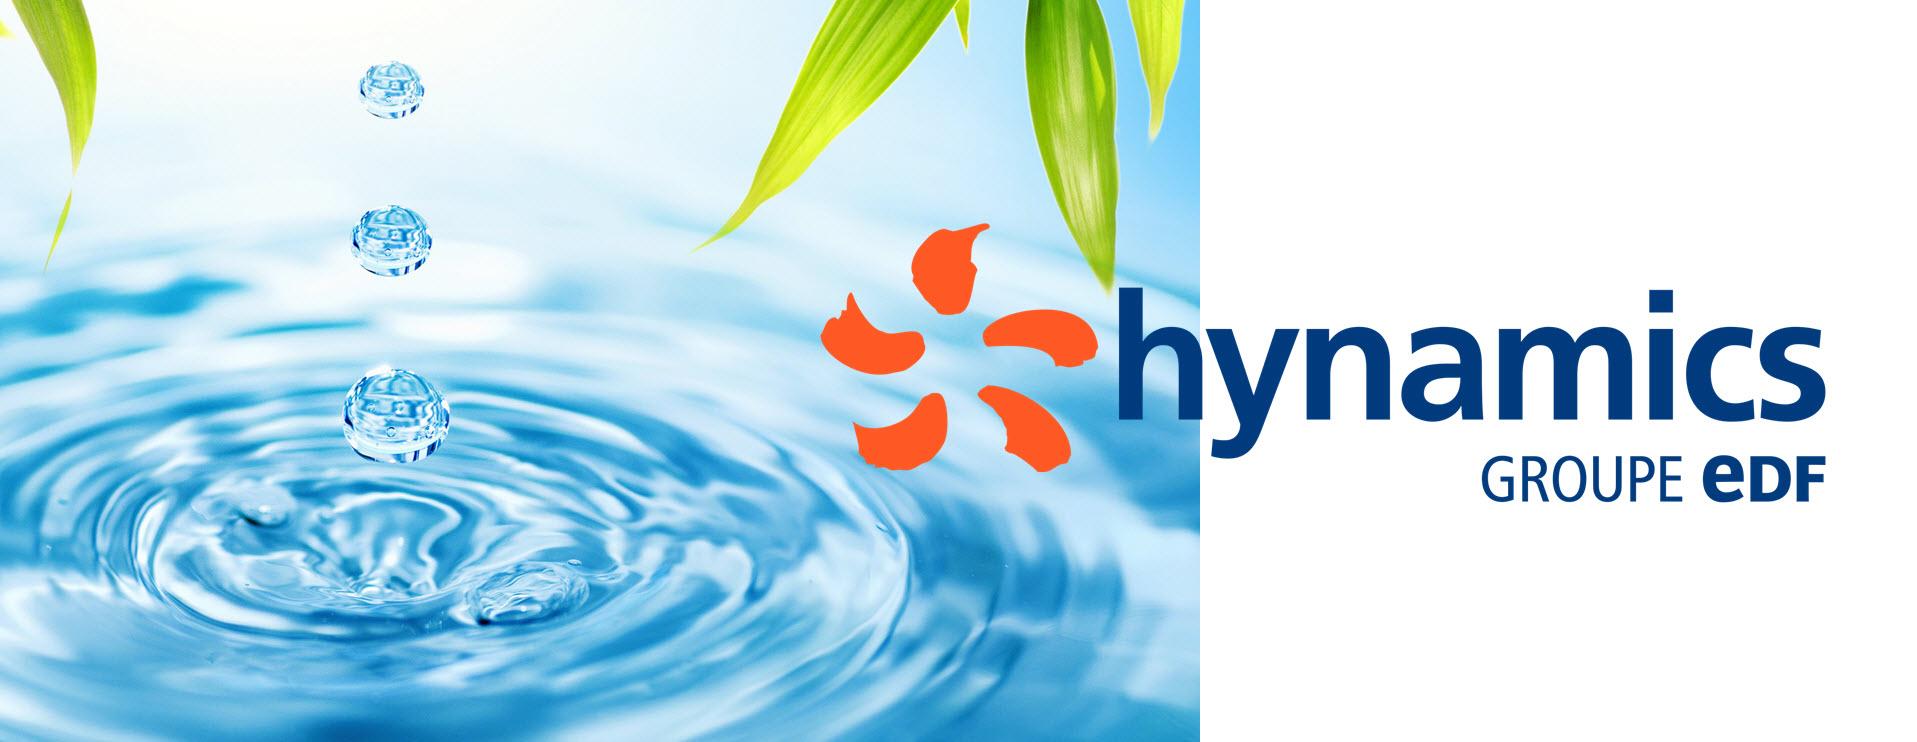 Hynamics by EDF